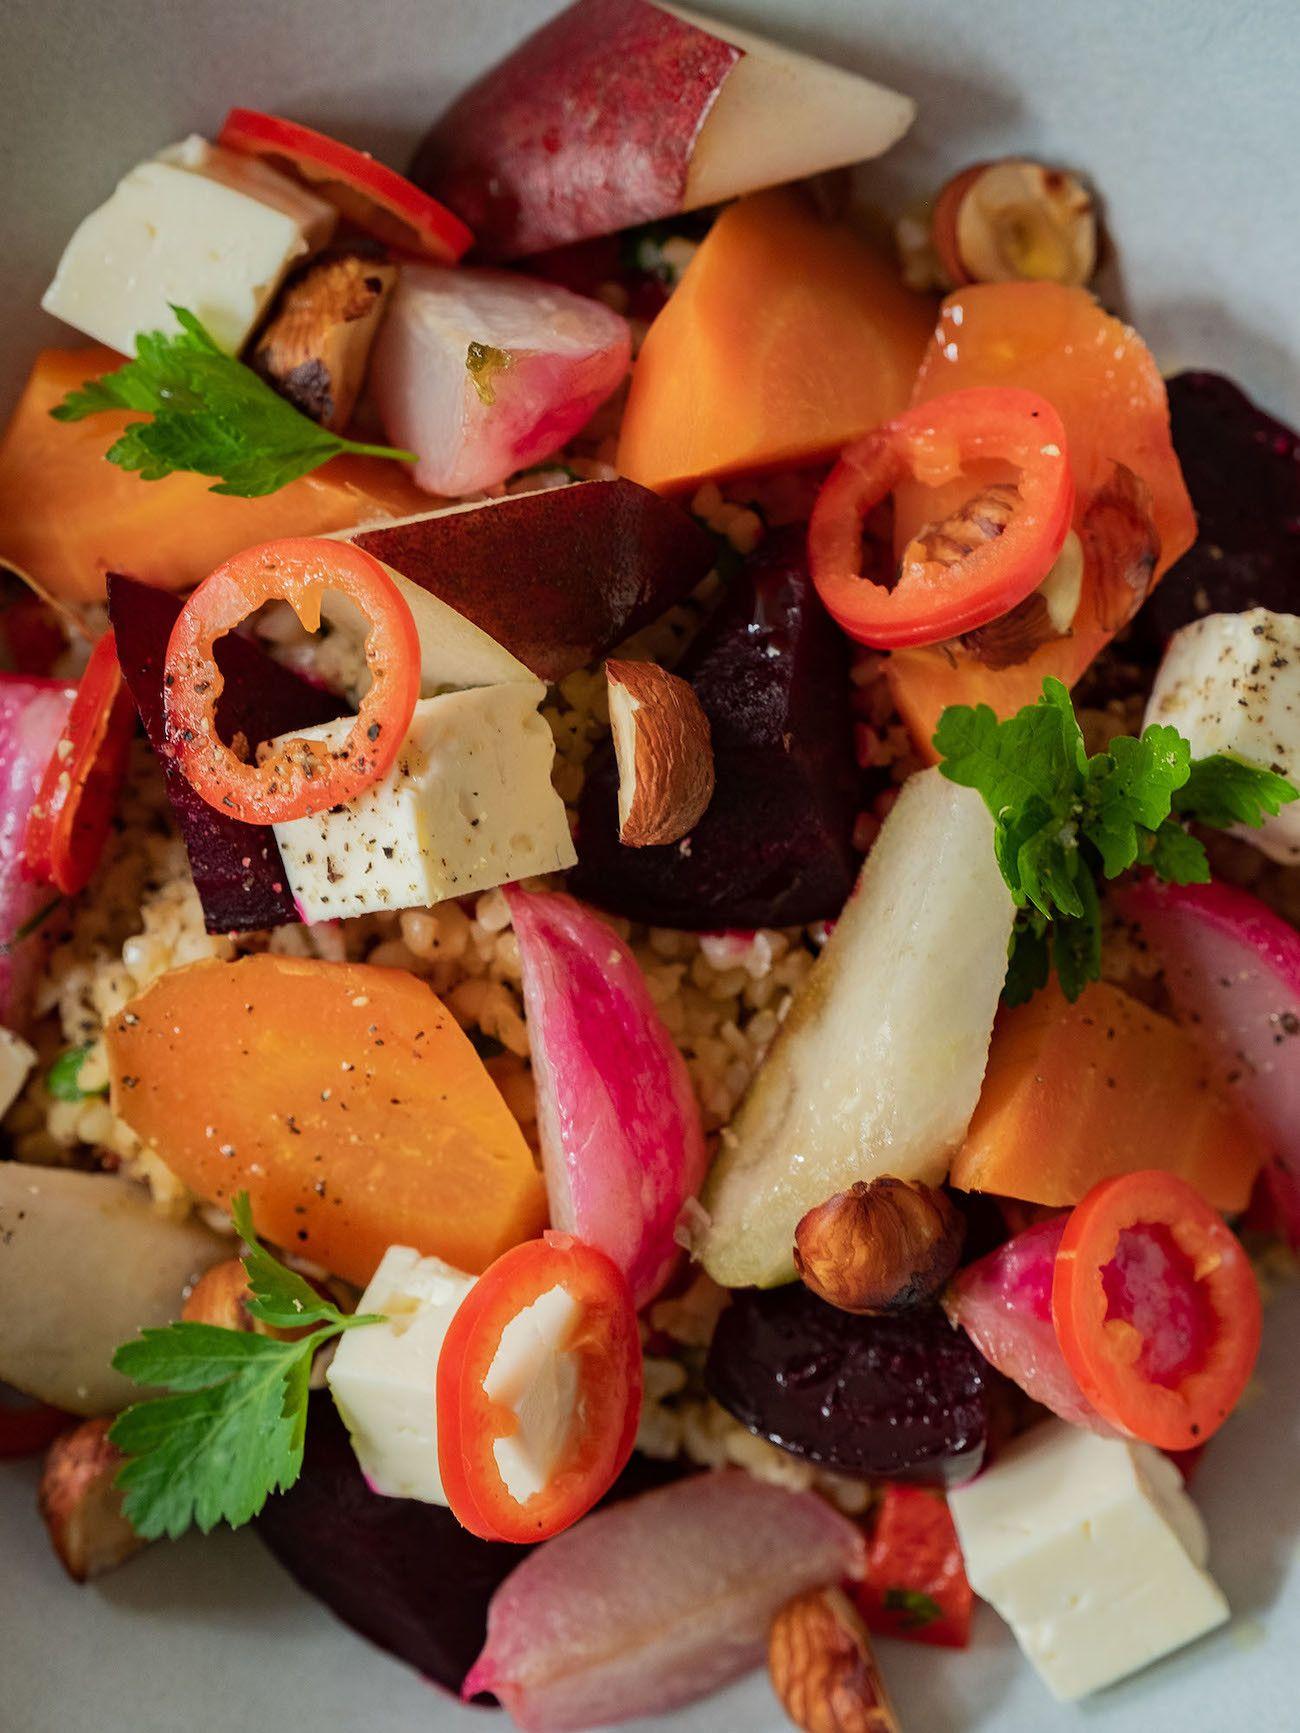 Foodblog, About Fuel, Rezept, Bulgursalat mit gebackener Roter Bete und Karotte, Radieschen, Feta, Chili, Birne, Haselnuss, Petersilie